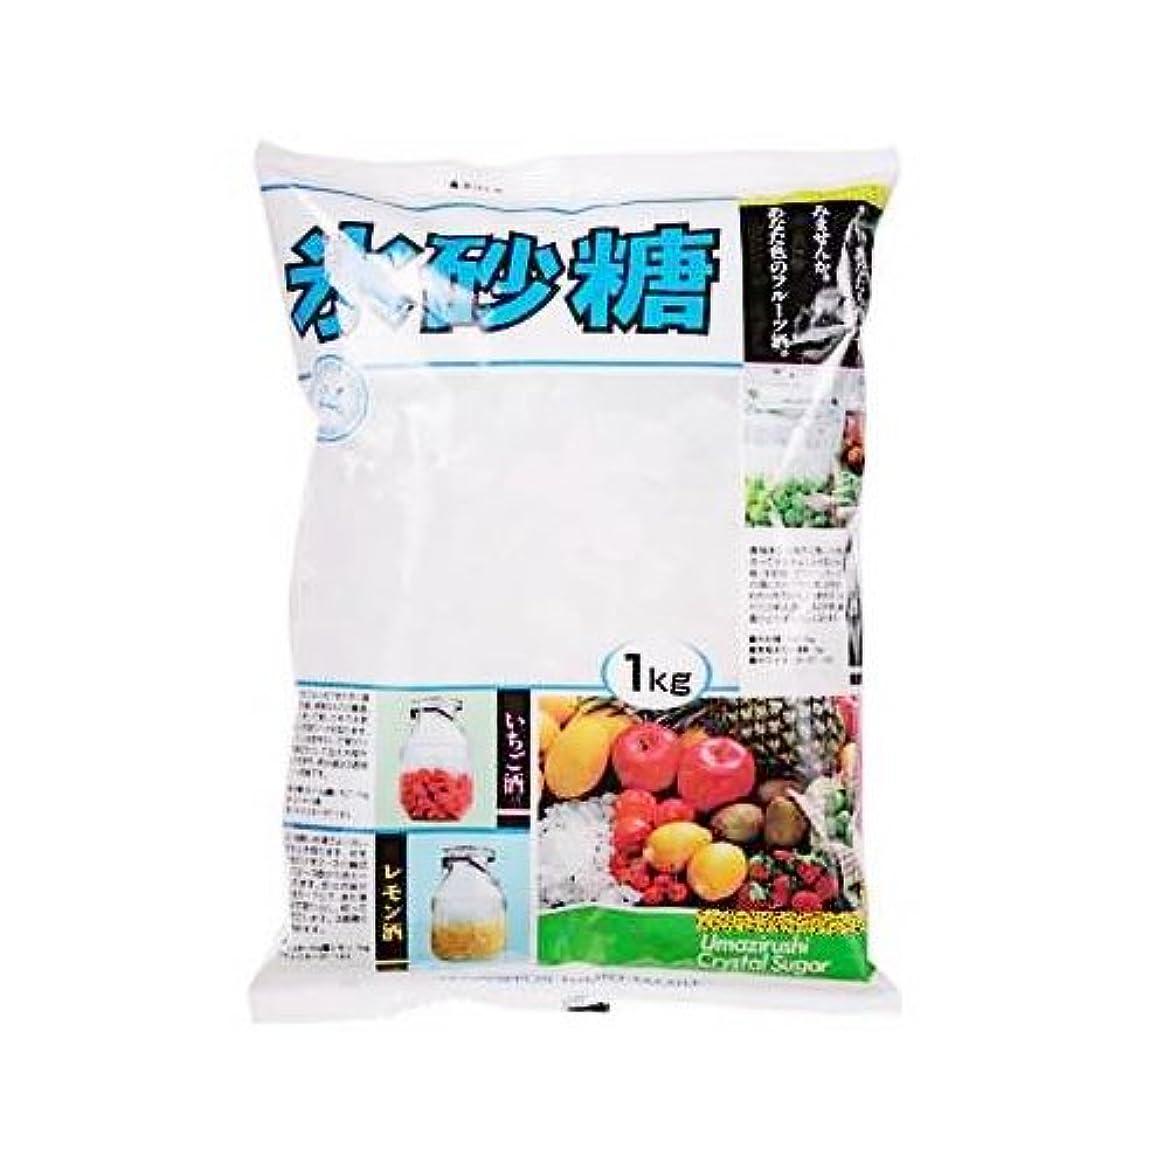 相関するハンカチ限られた中日本氷糖 青マーク クリスタル 1kg